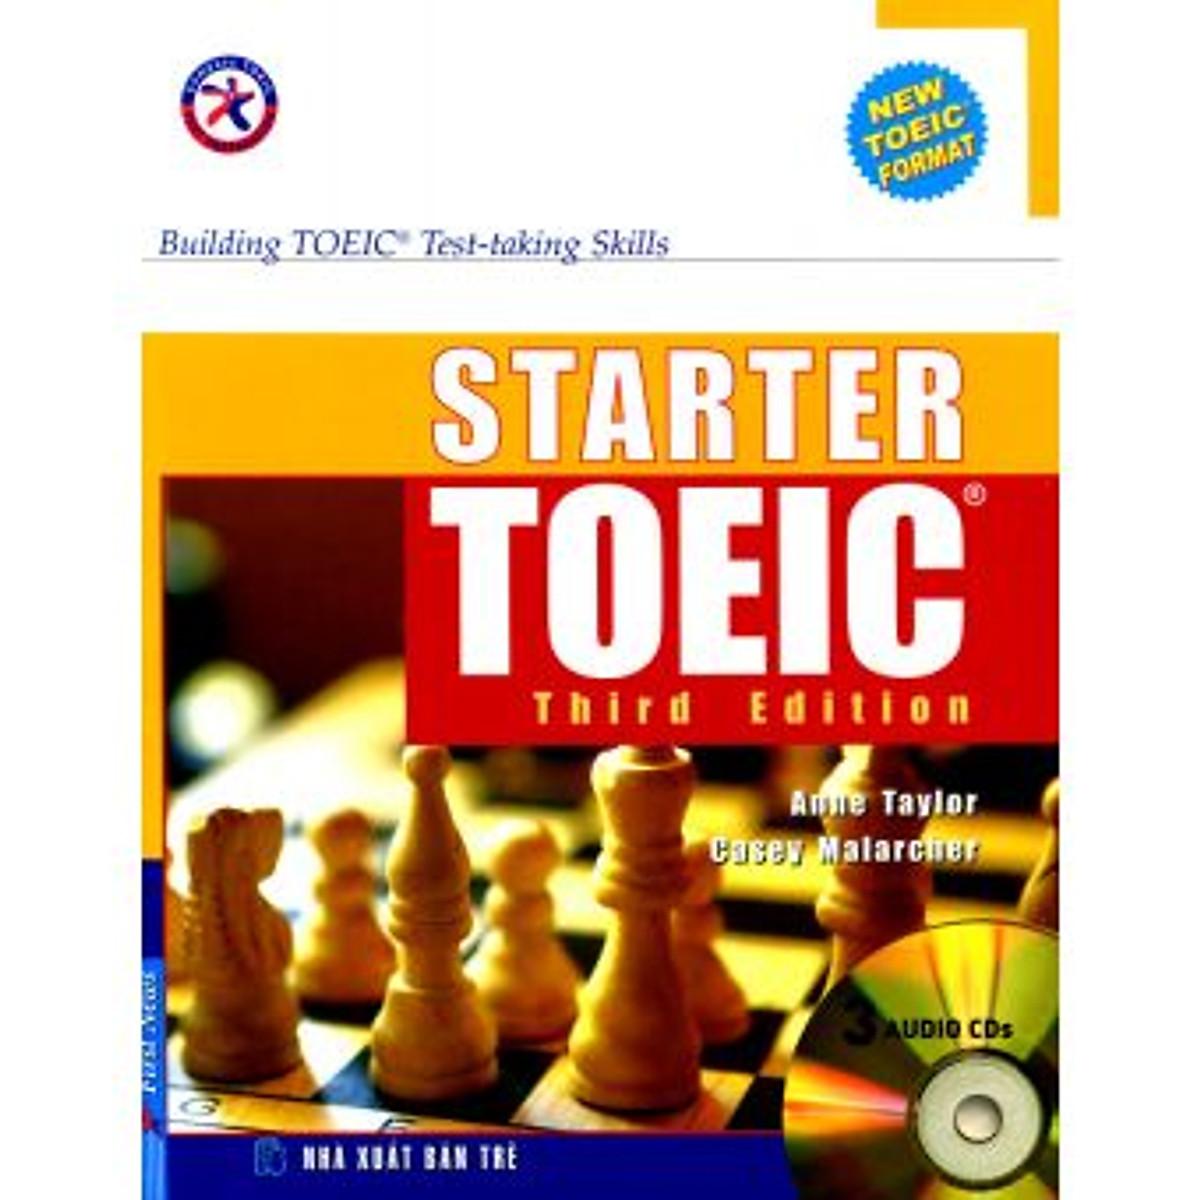 Hình đại diện sản phẩm Starter Toeic Third Edition - Kèm 3 CD